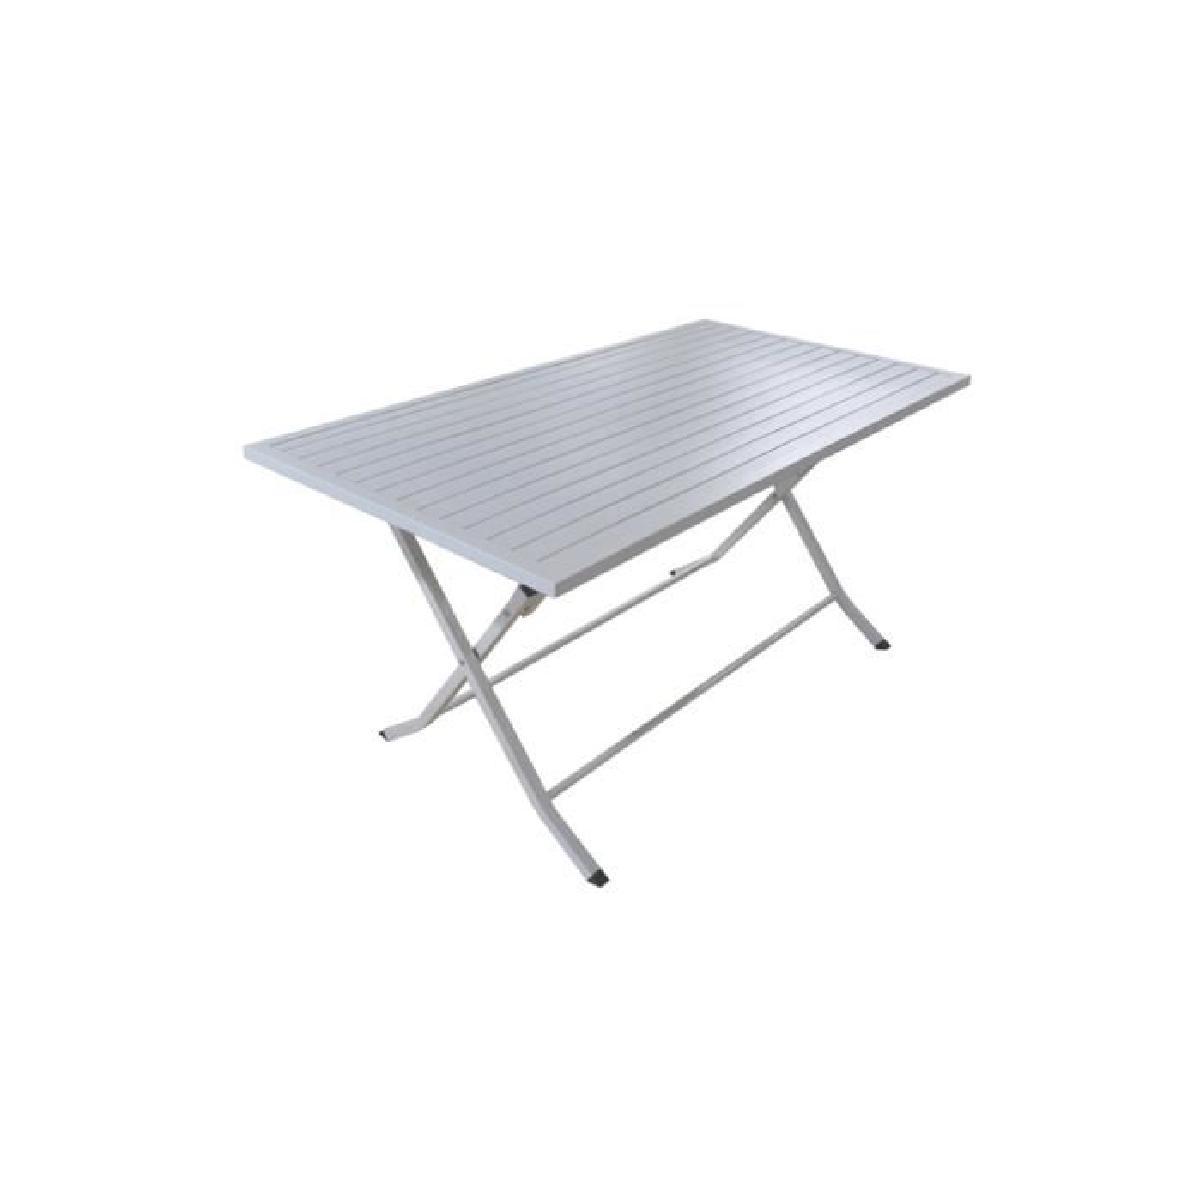 Table Pliante Leclerc Inspirant Photographie Incroyable Intérieur Les Tendances € Table Pliante Leclerc Rclousa